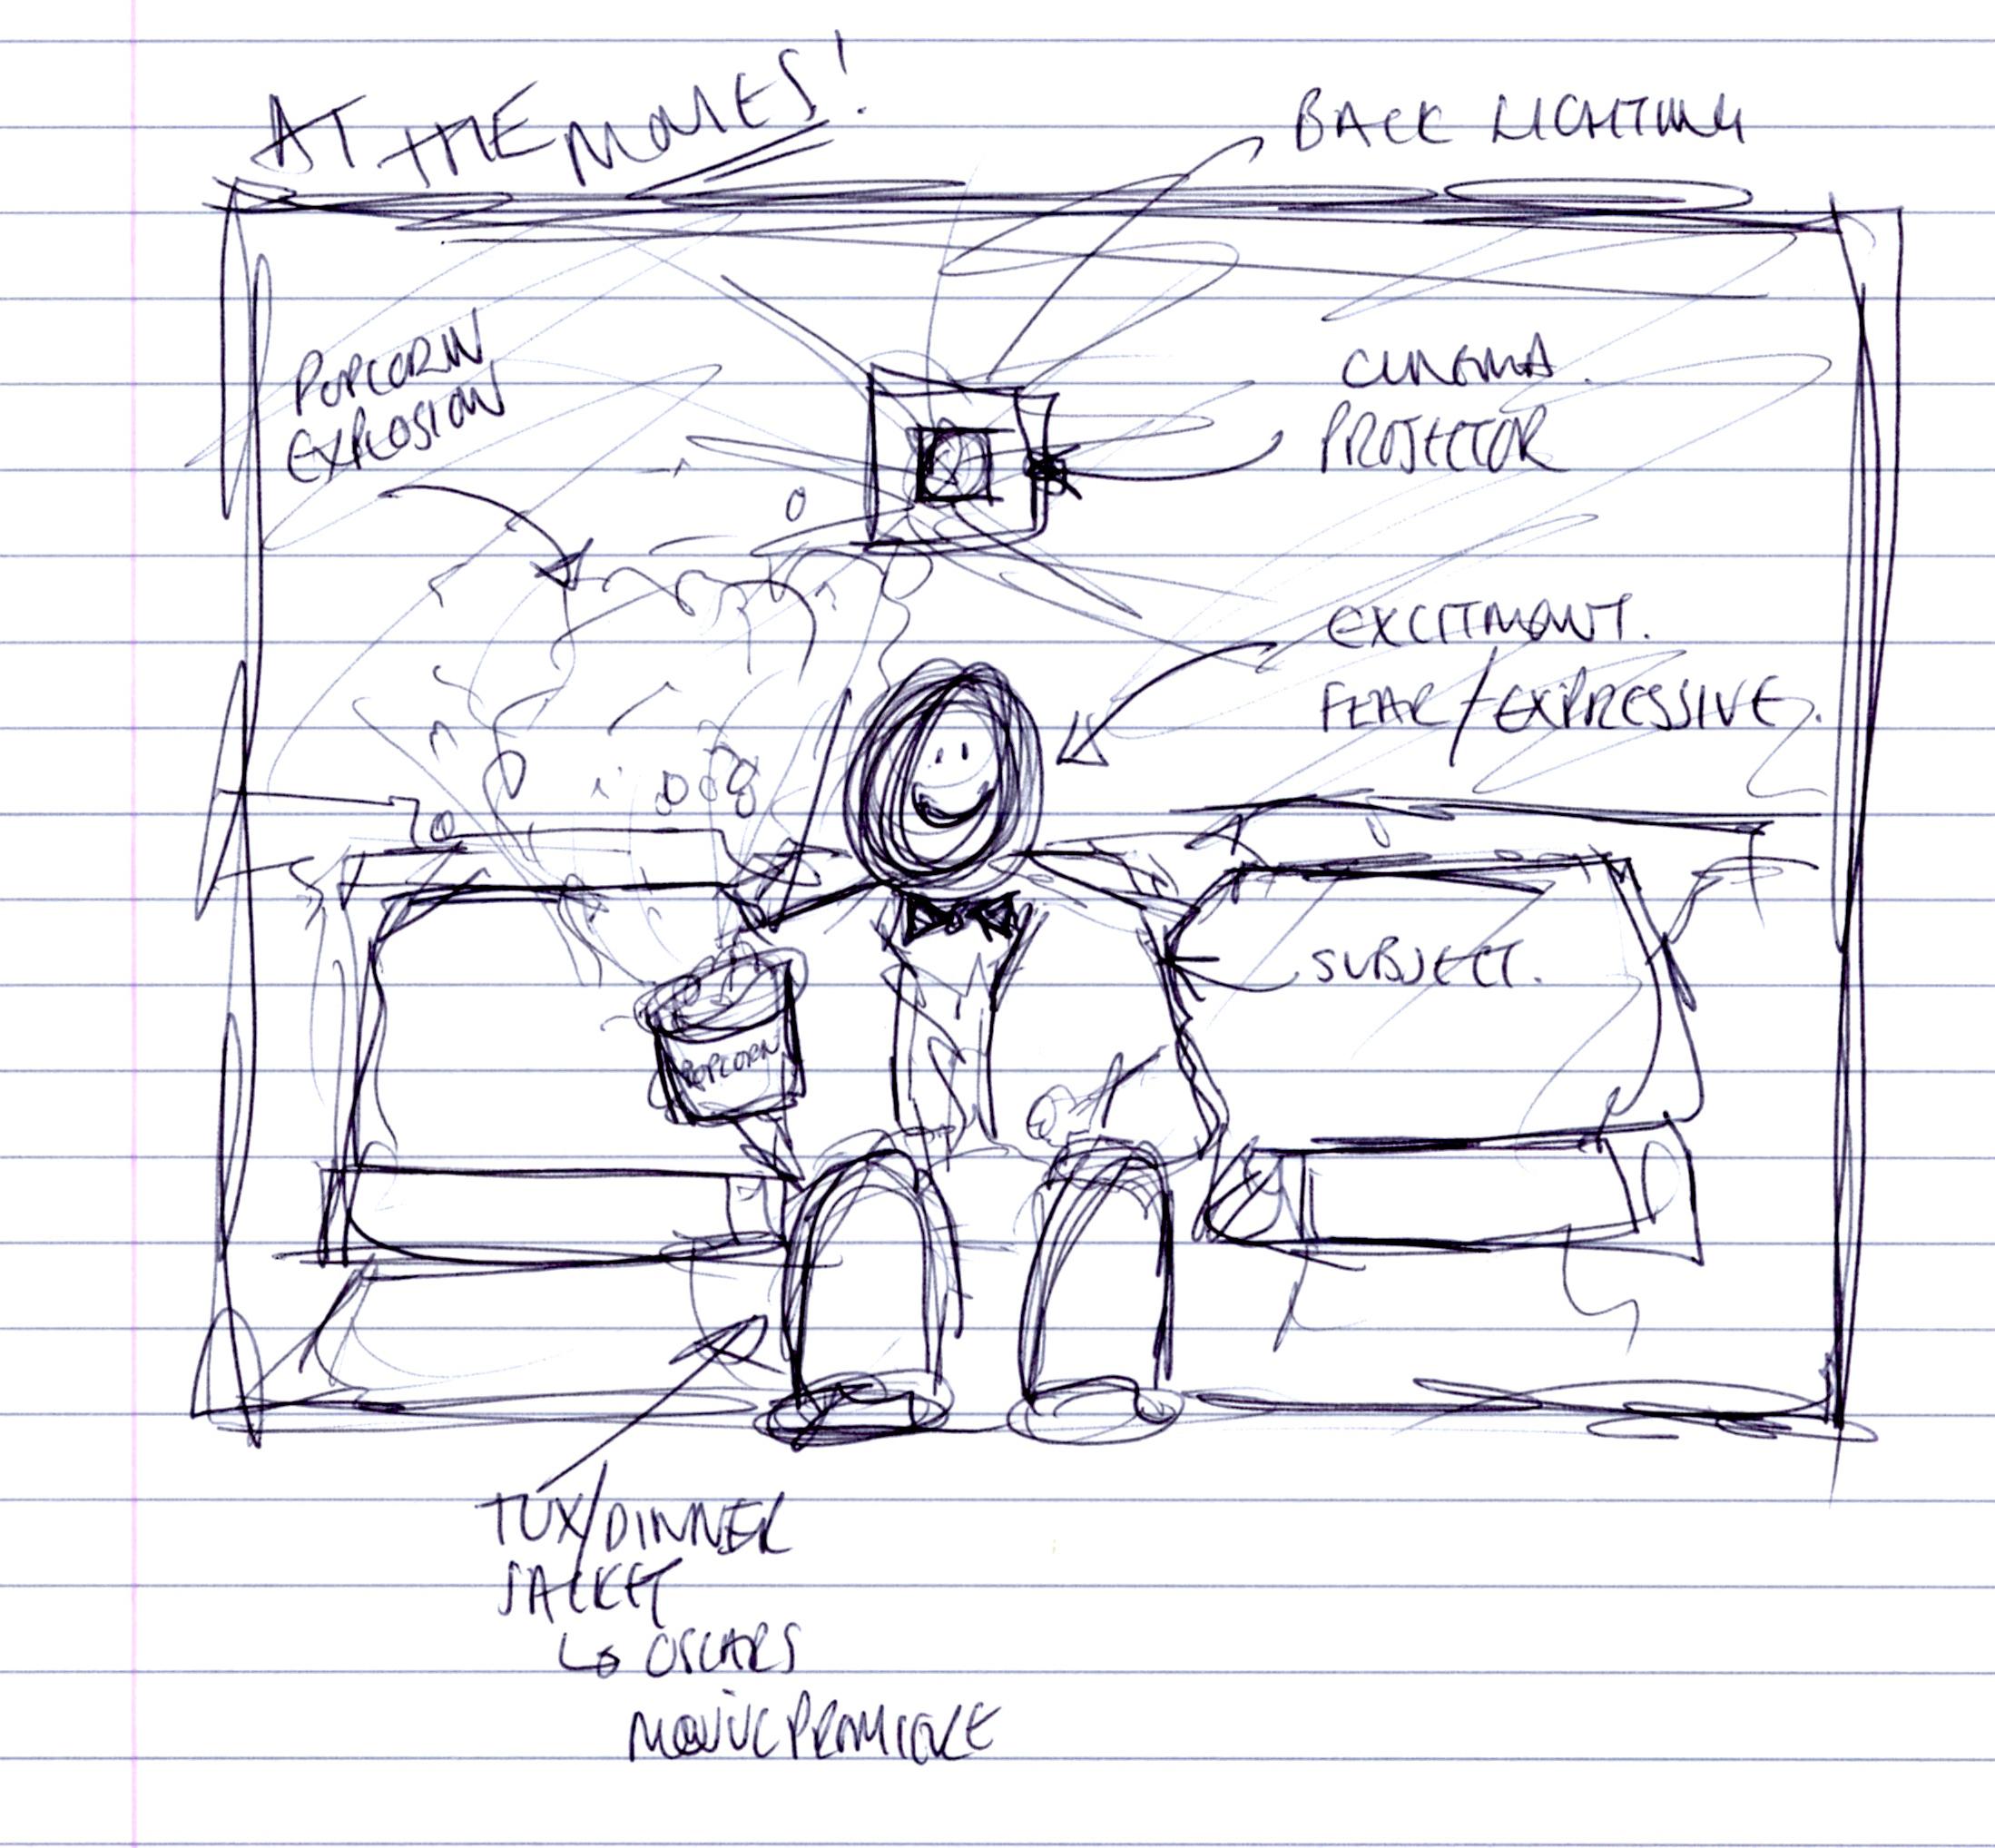 movies sketch.jpg